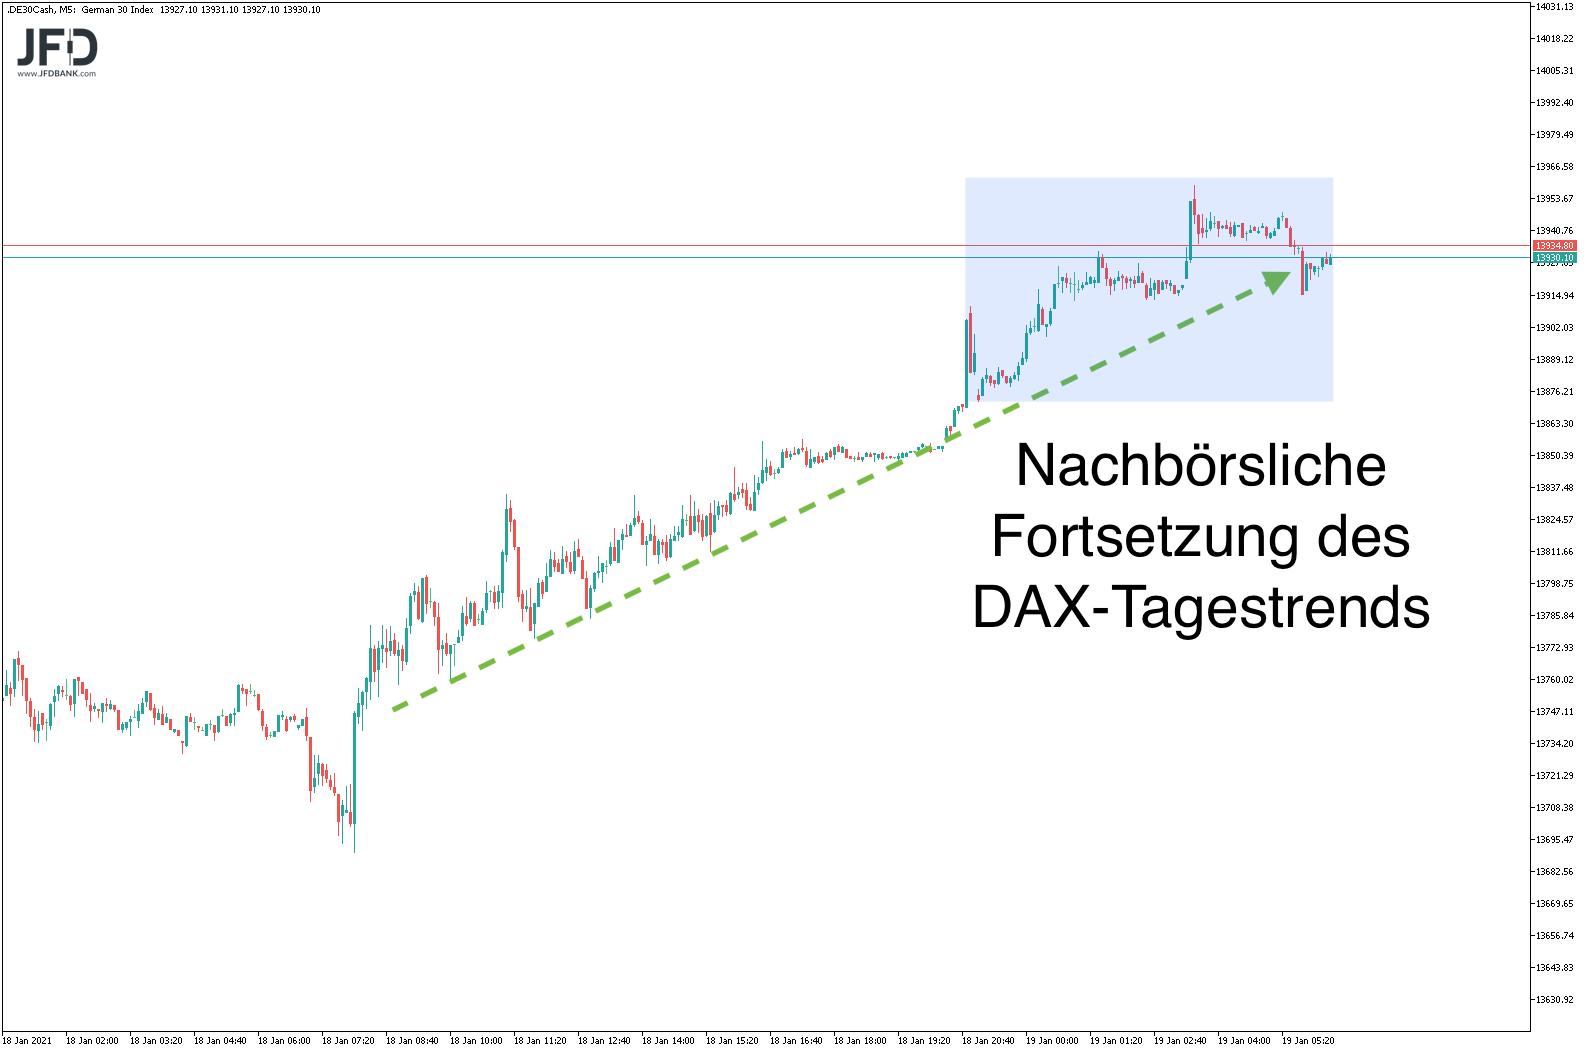 Vorbörse im DAX weiter aufwärts gerichtet